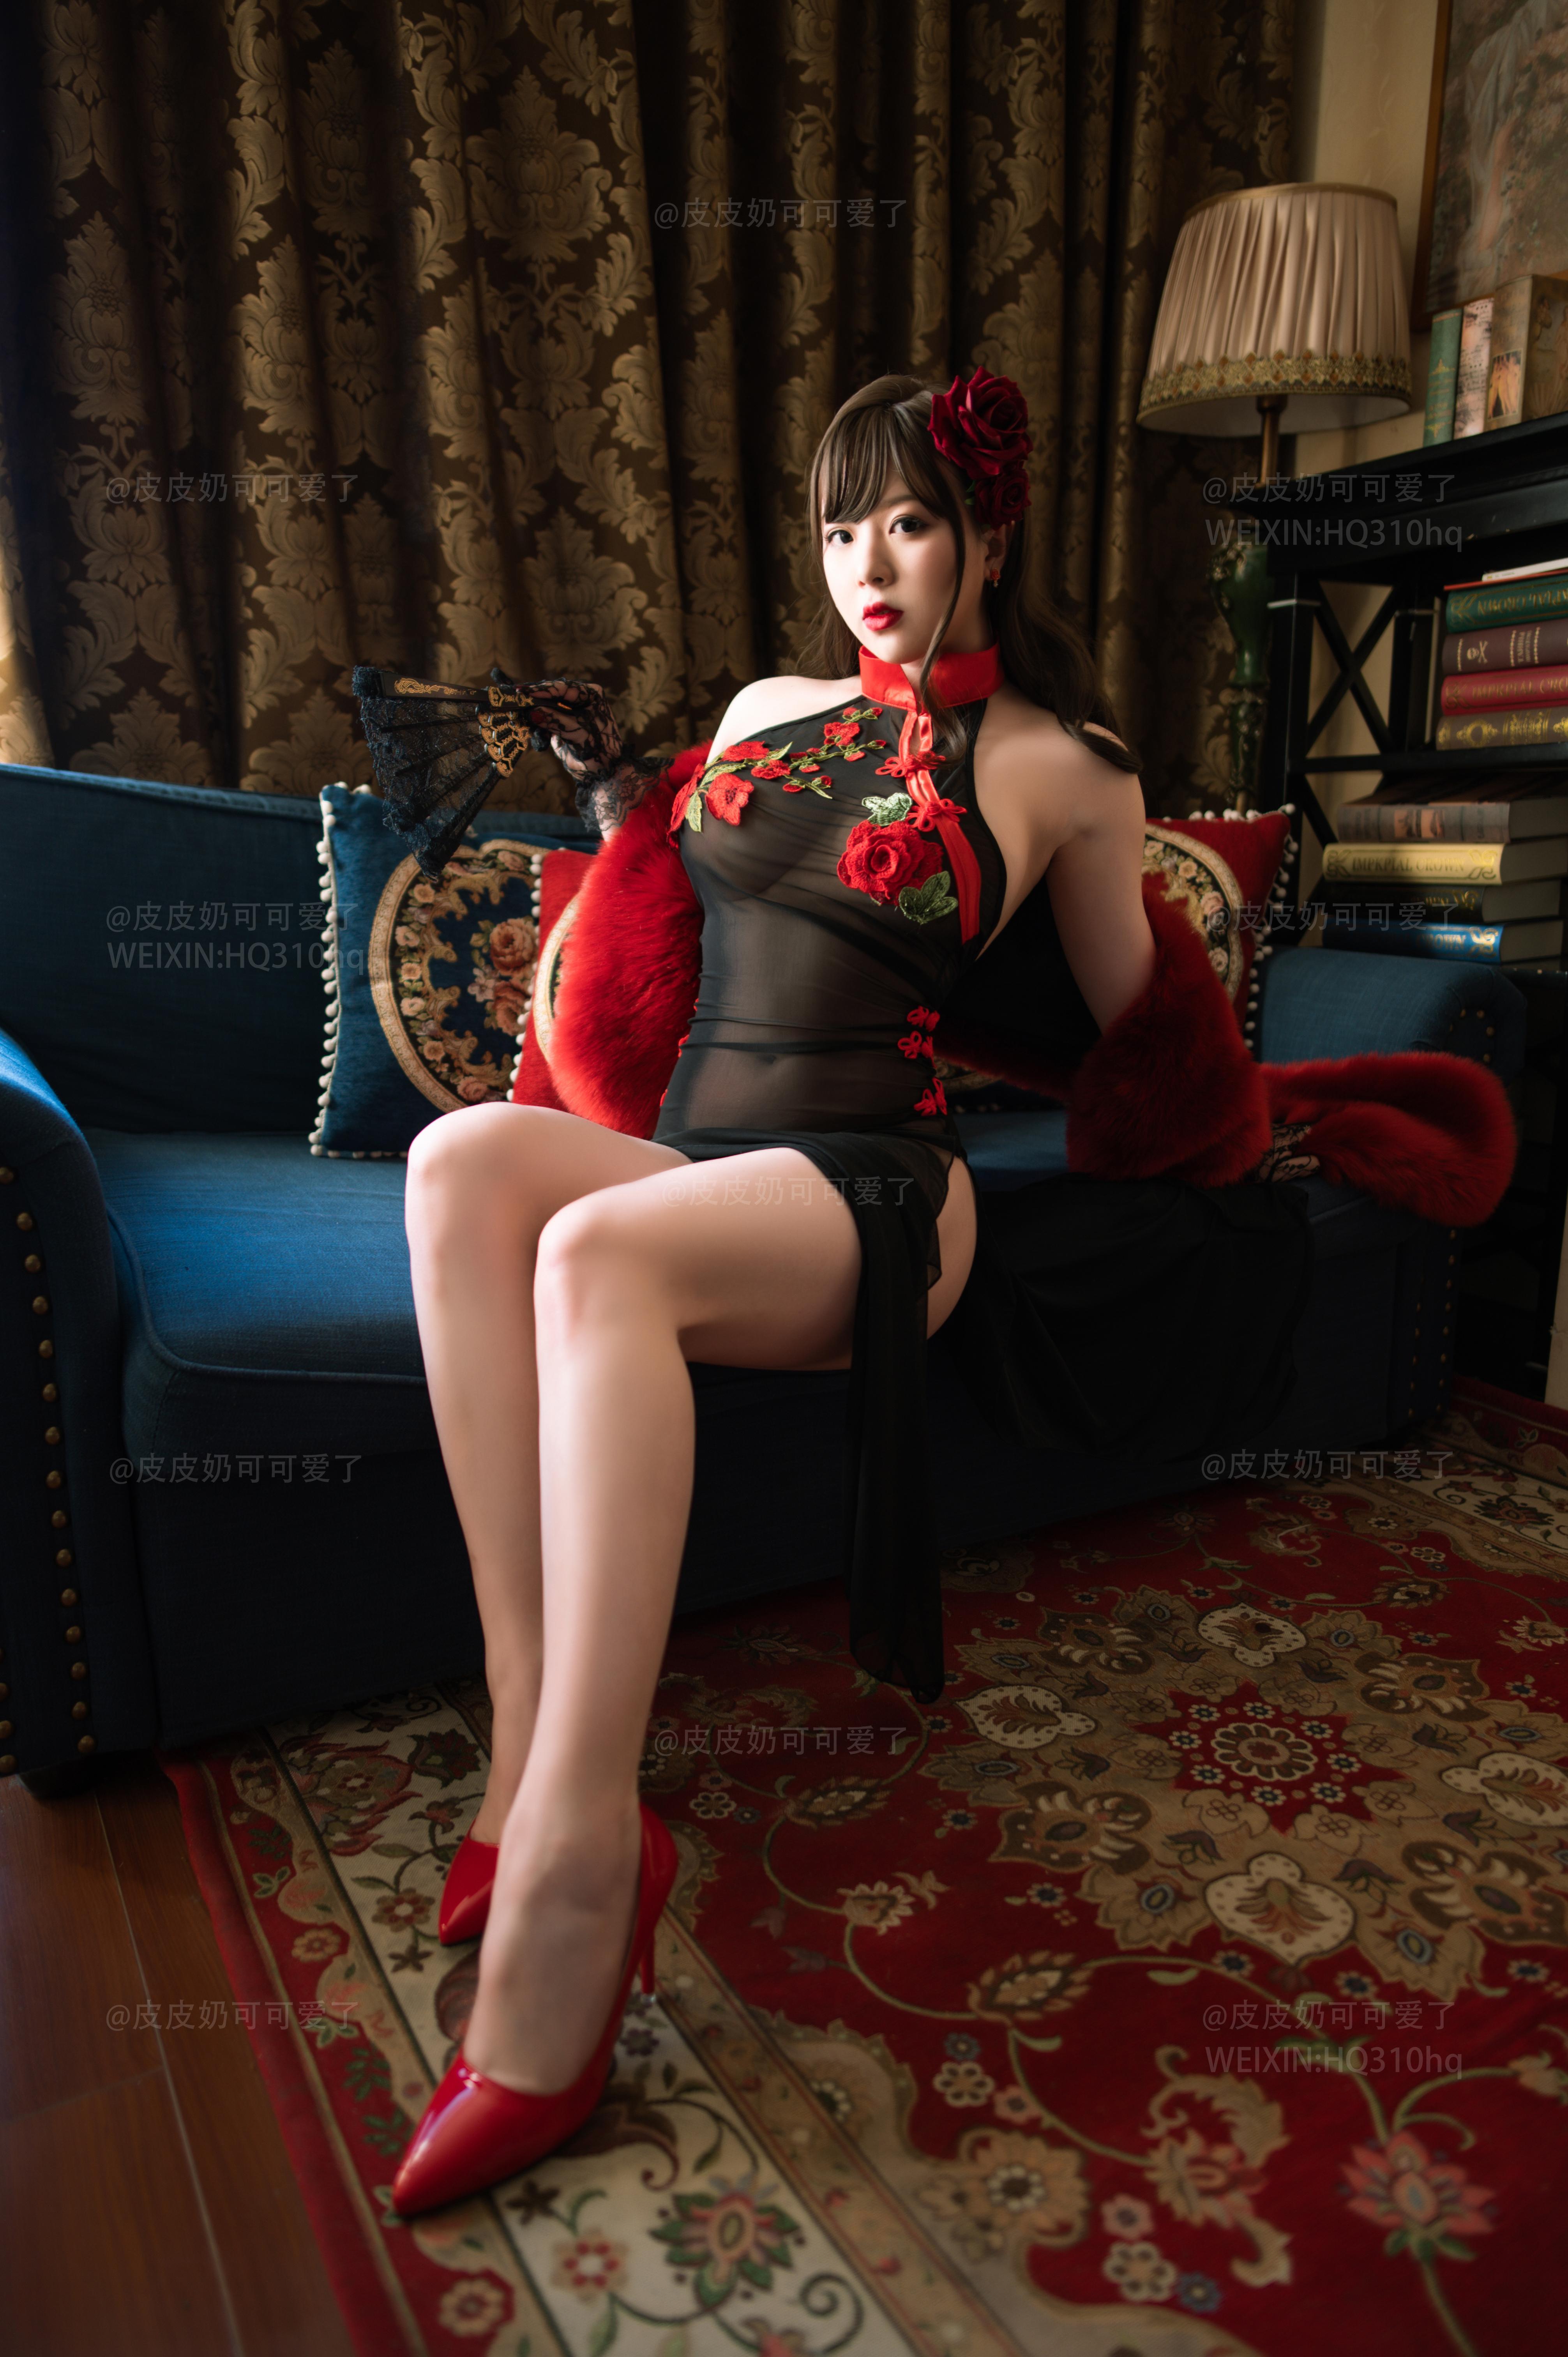 妹子这透视的旗袍简直无敌了 第3张 妹子这透视的旗袍简直无敌了 写真套图